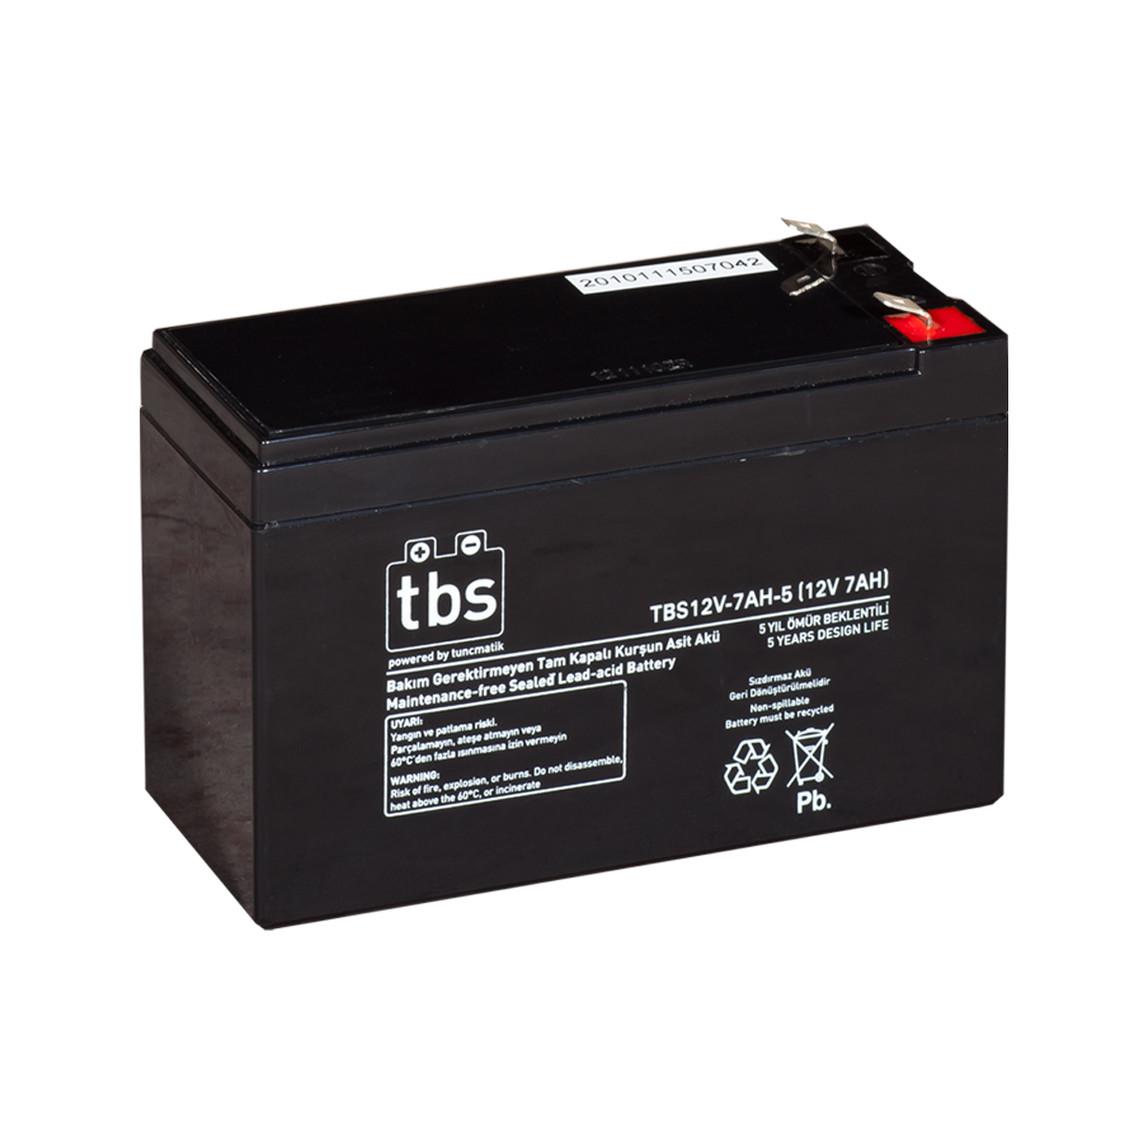 Tunçmatik Tbs 12V-7Ah Ups Tip Akü